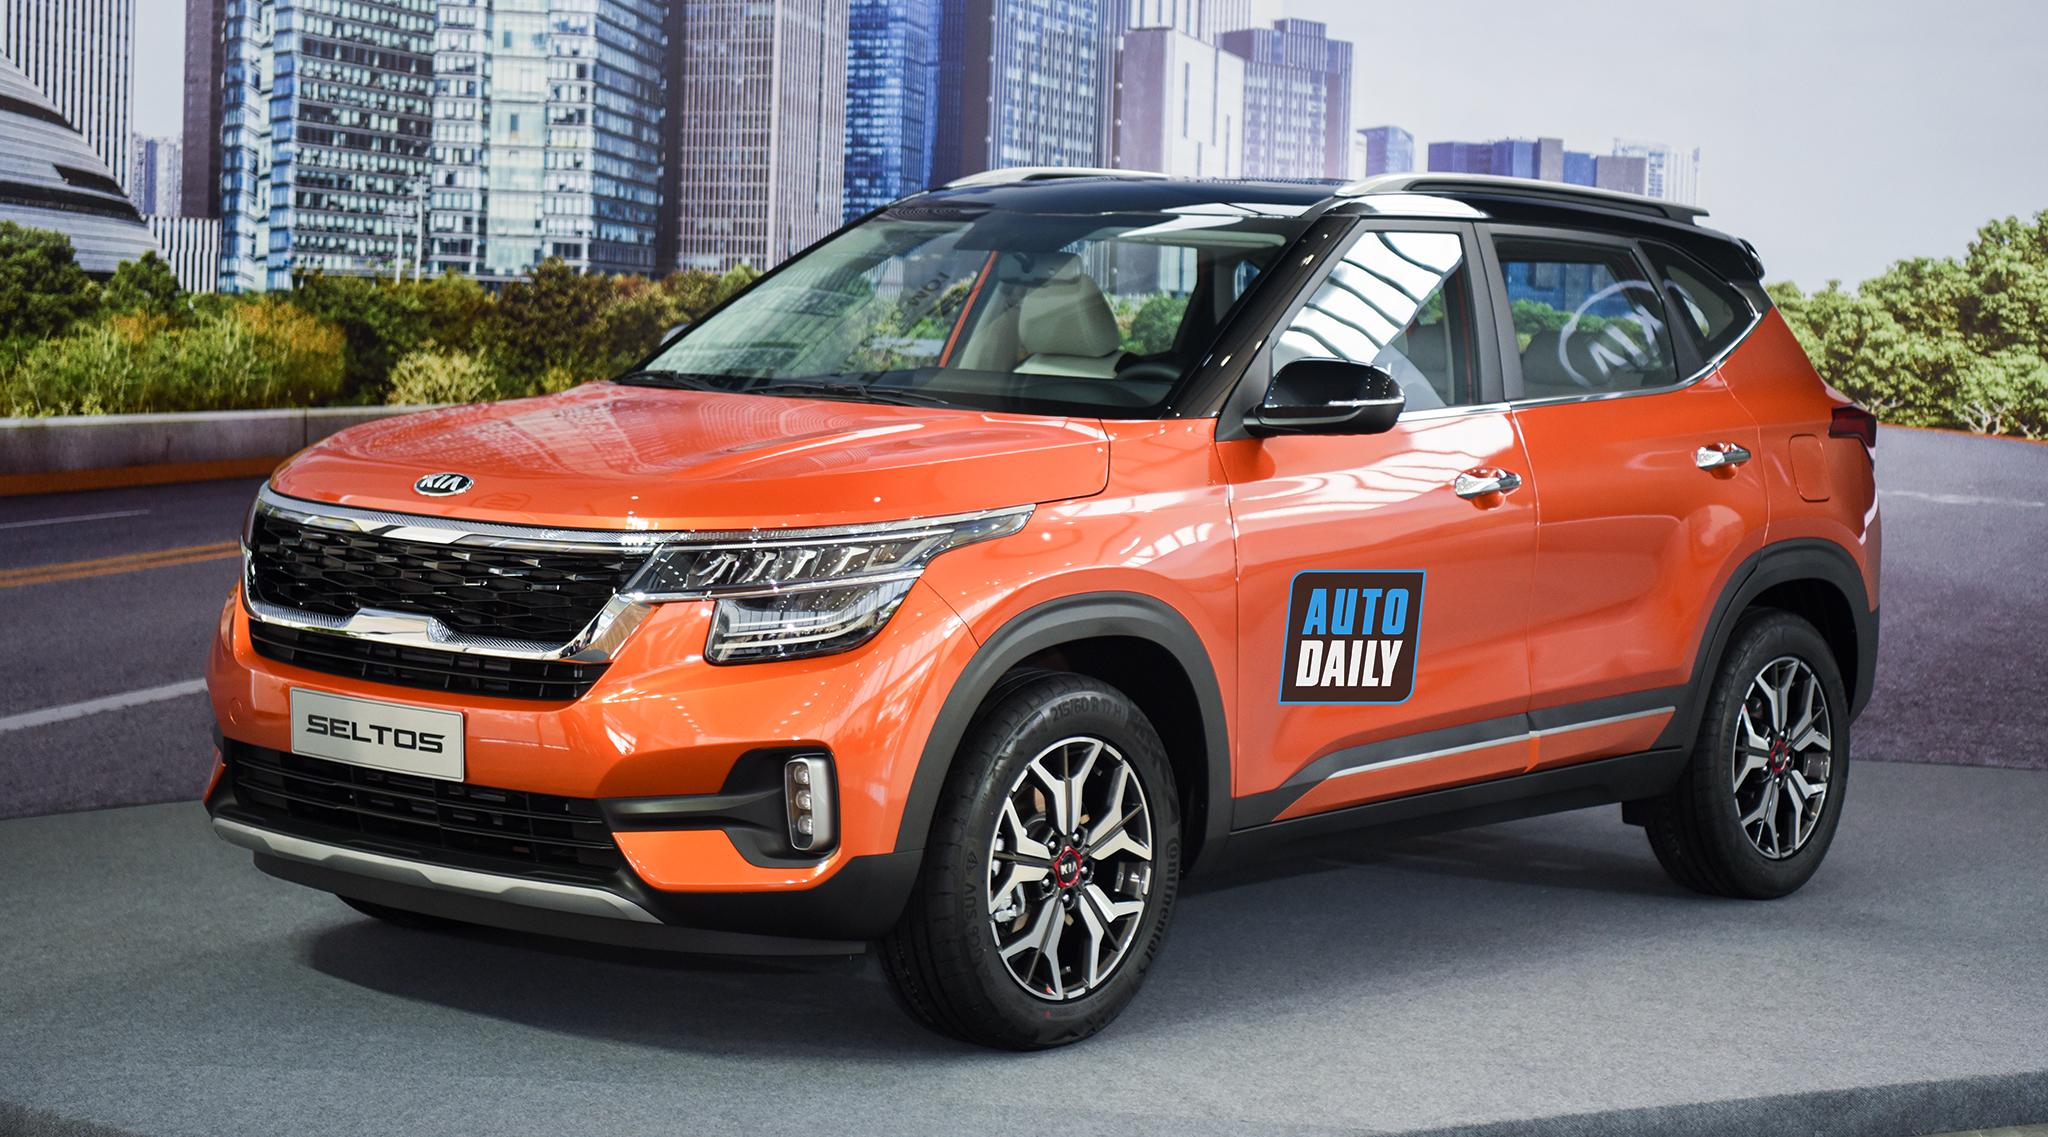 Phân khúc crossover đô thị tháng 3/2021: Hyundai Kona hụt hơi, Kia Seltos bứt tốc